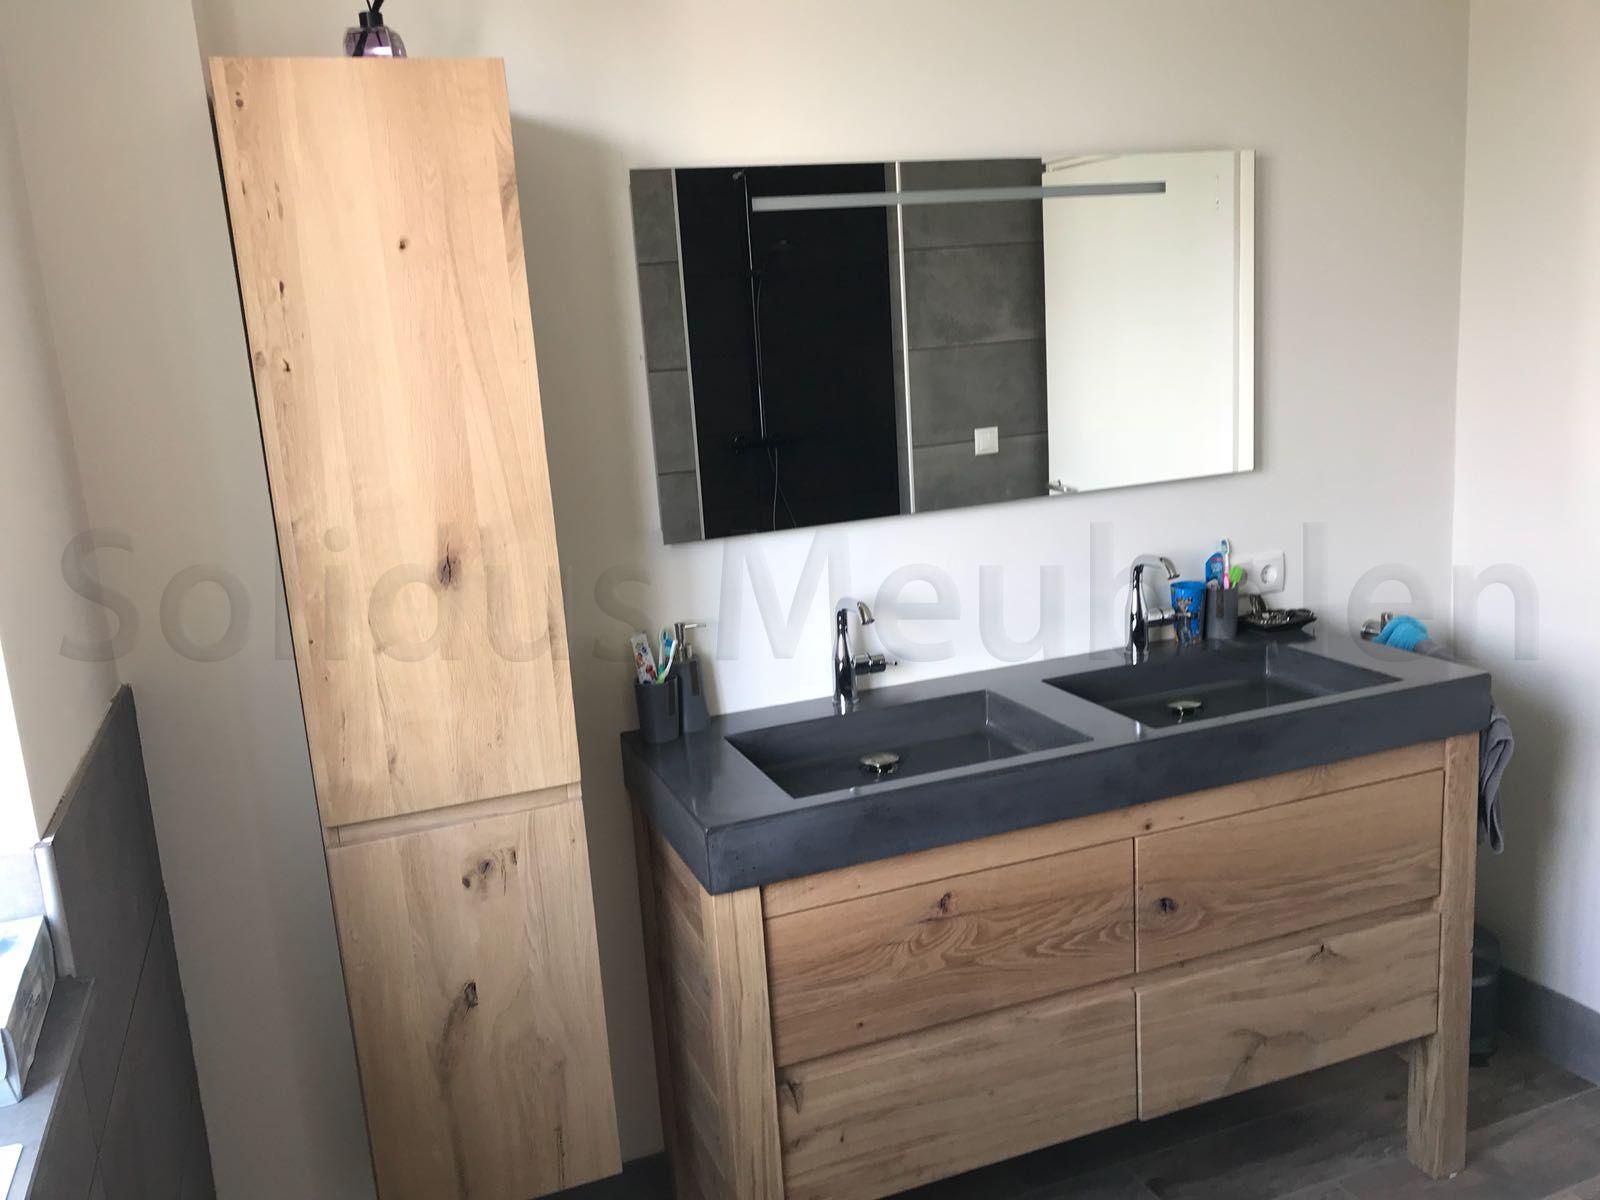 Badkamermeubel Op Maat : Op maat gemaakt badkamermeubel van eikenhout en beton